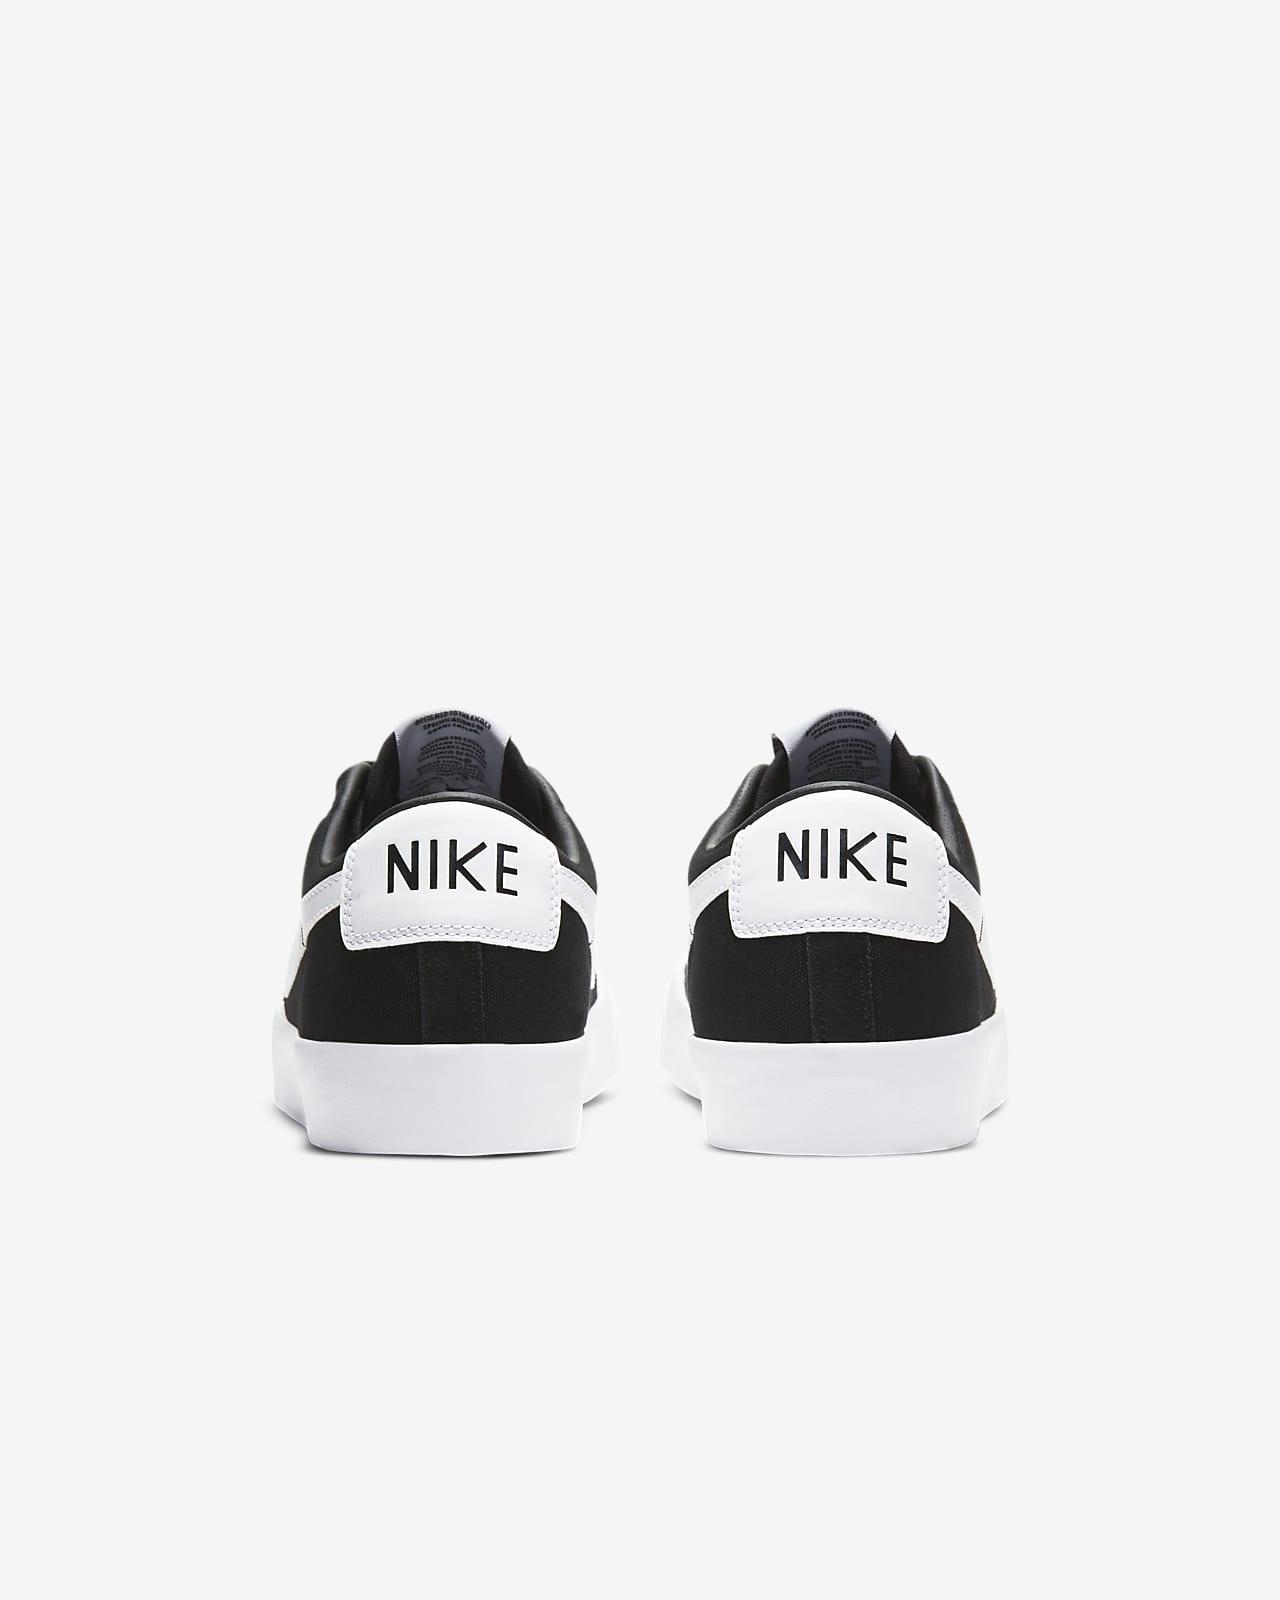 Chaussure de skateboard Nike SB Zoom Blazer Low Pro GT. Nike LU